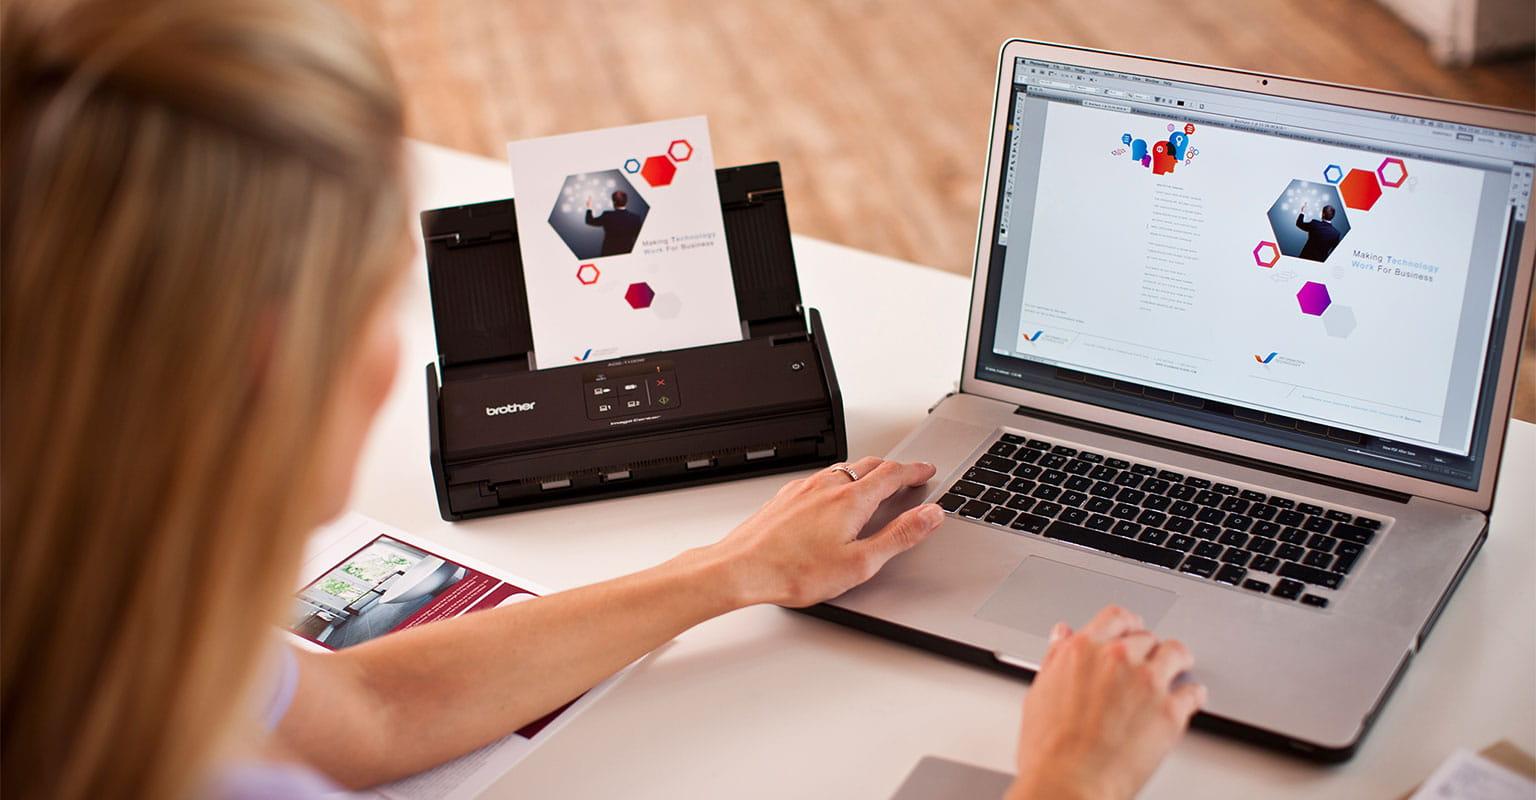 Kunde bruger Brother scanner med ABBYY software